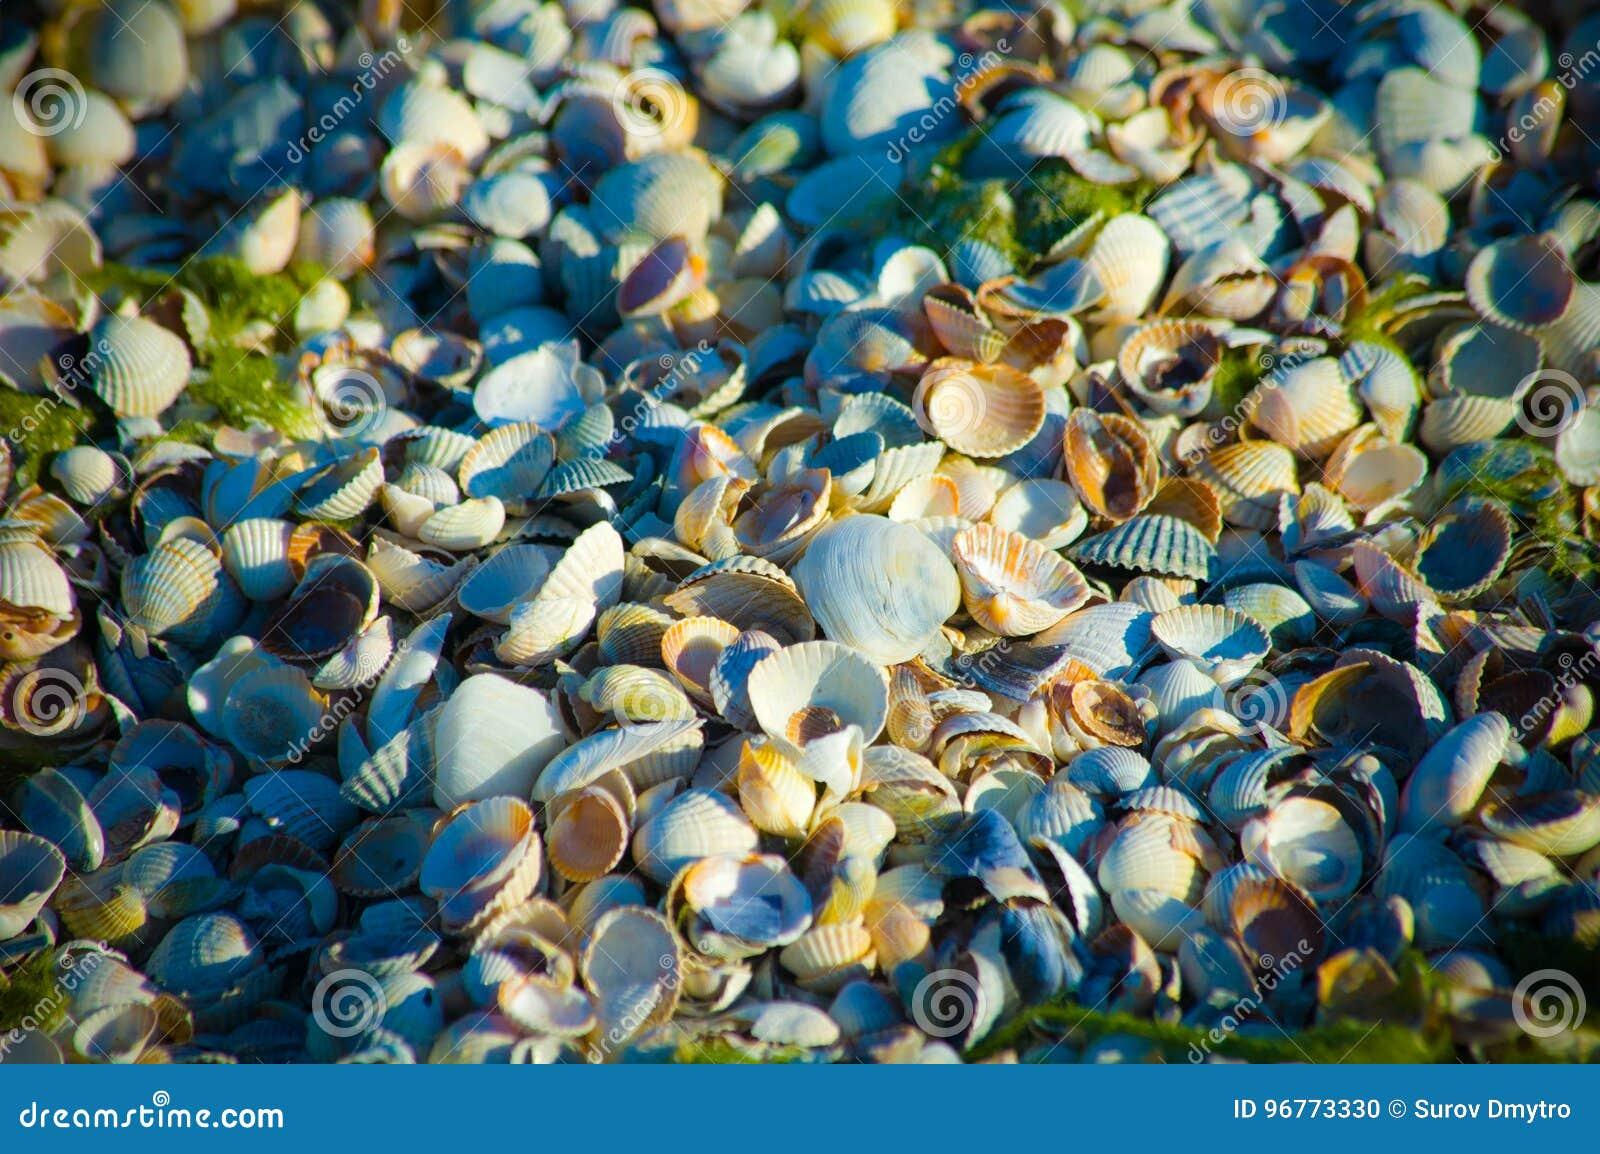 Zeeschelpen op een zandig strand in detail